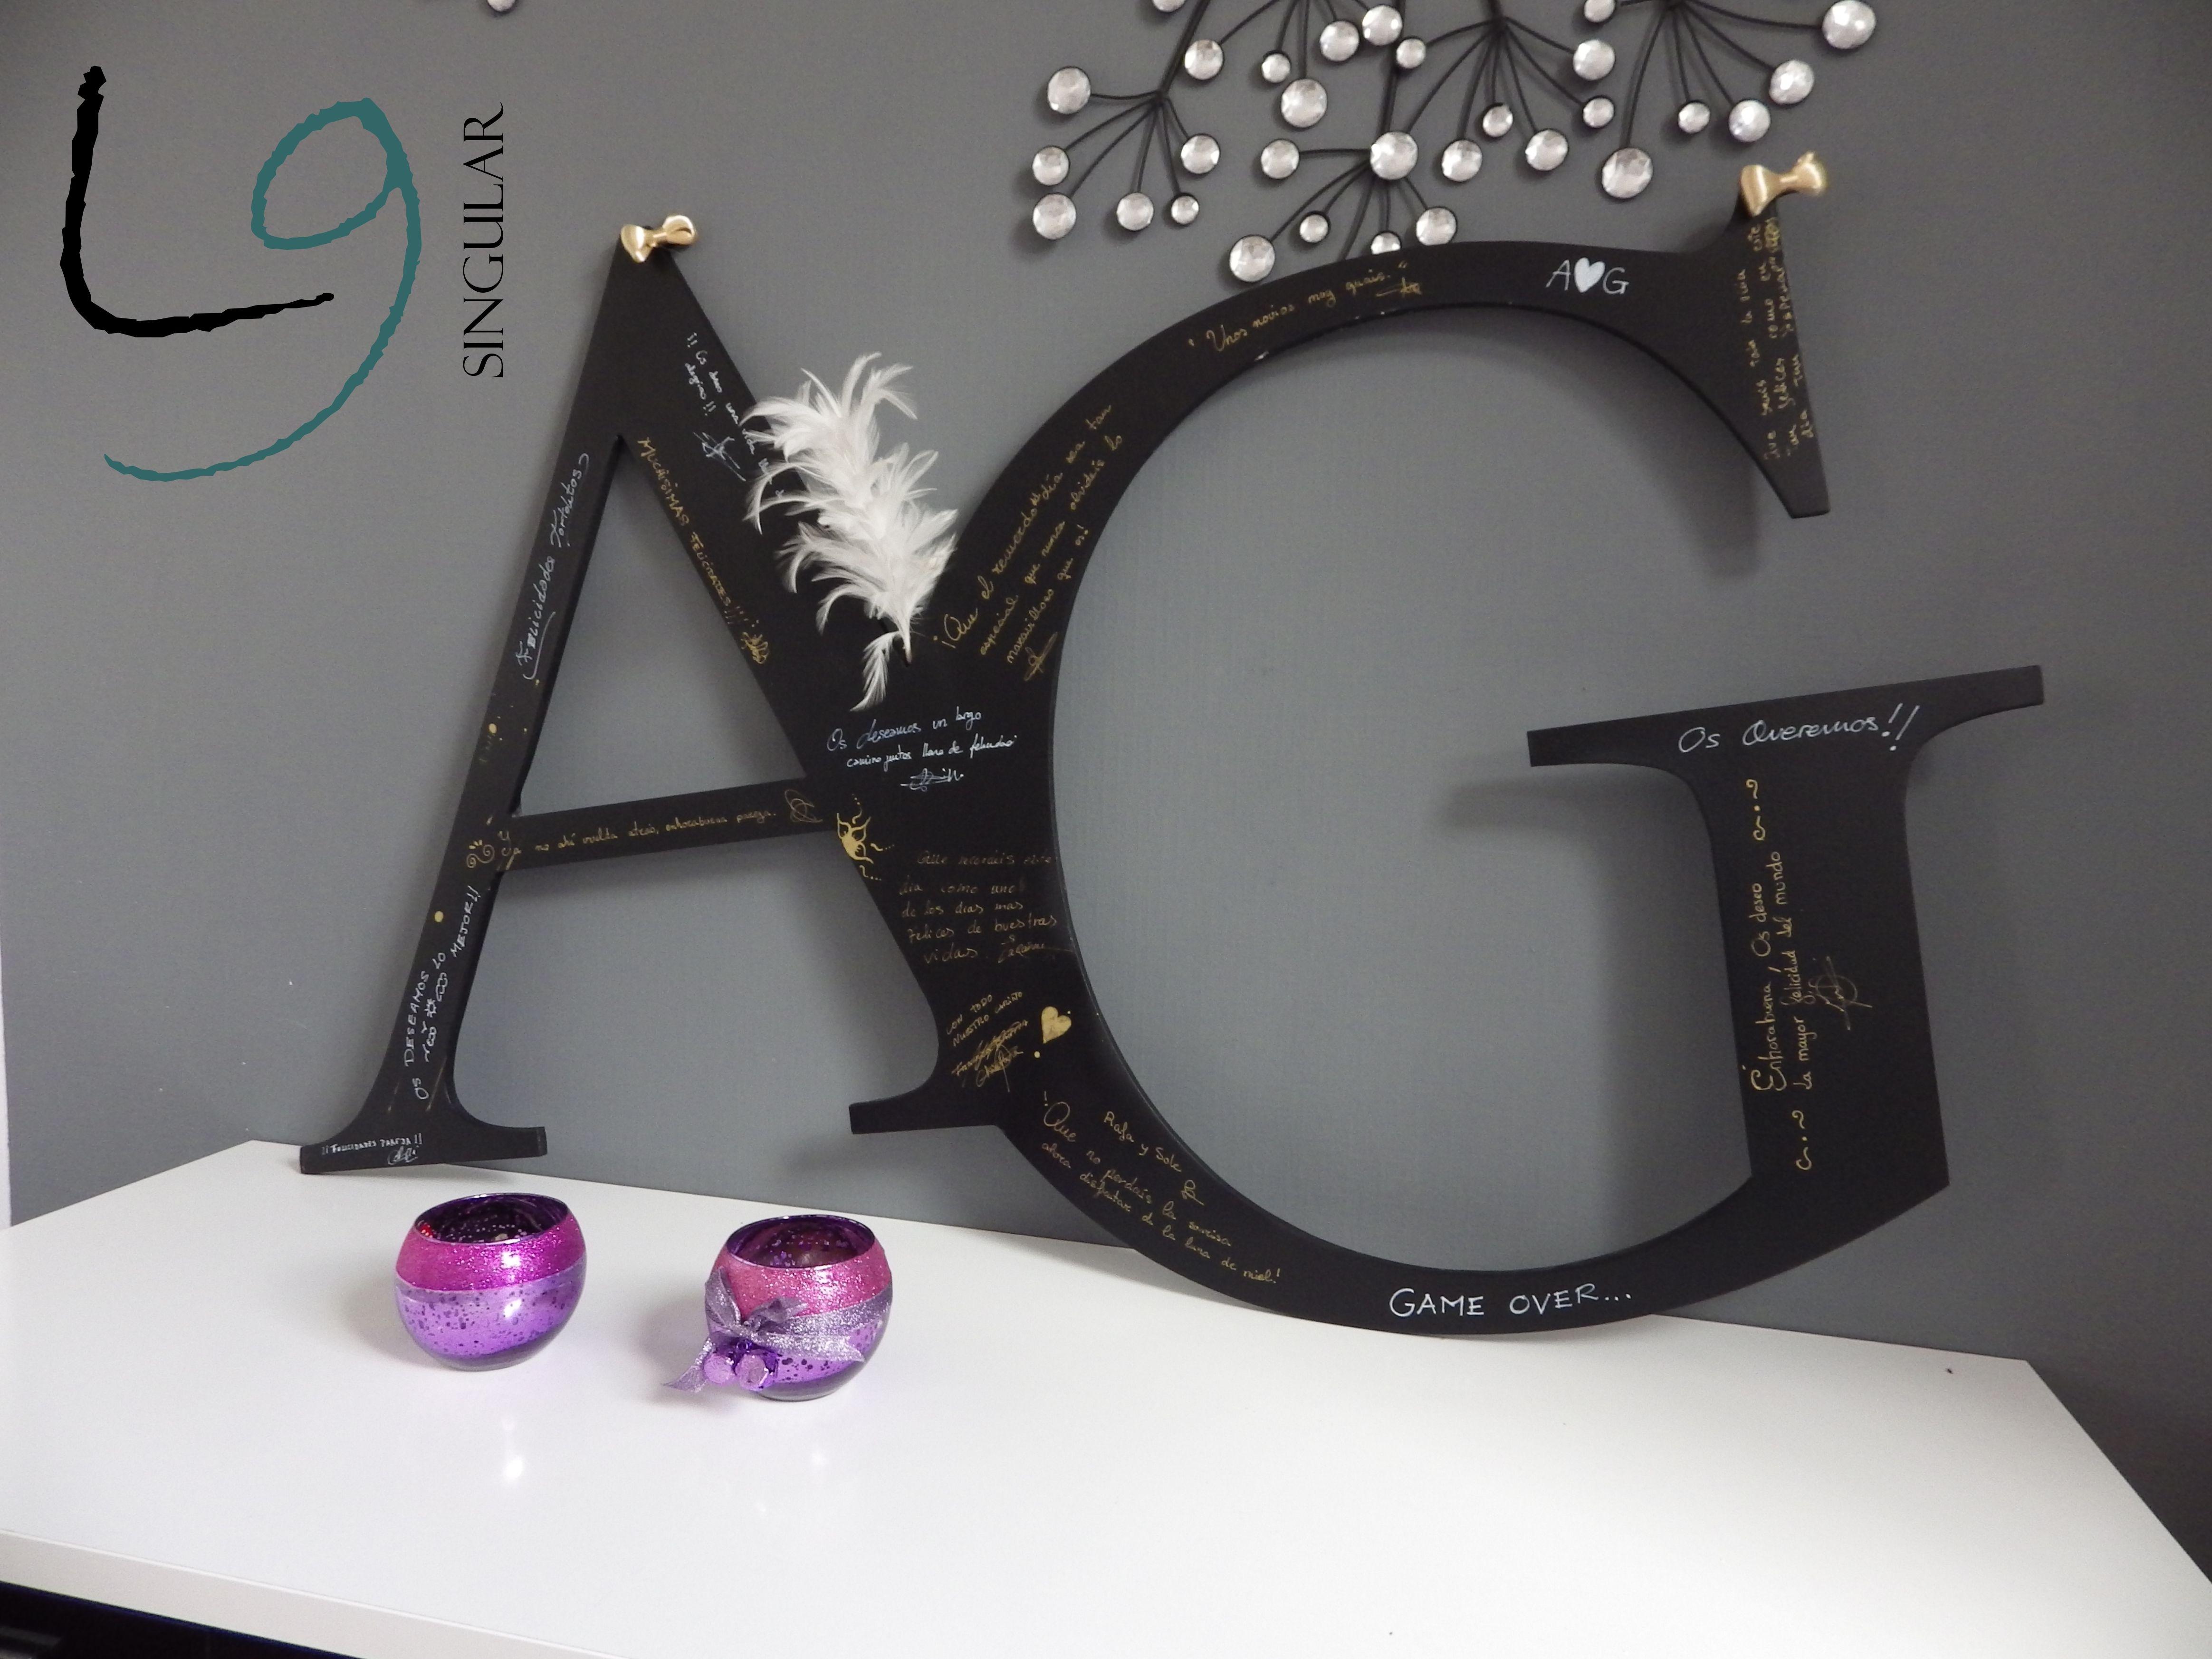 En el dia de tu boda, tus invitados podrán plasmar sus felicitaciones en estas originales iniciales entrelazadas lacadas en negro.  info@l9singular.com